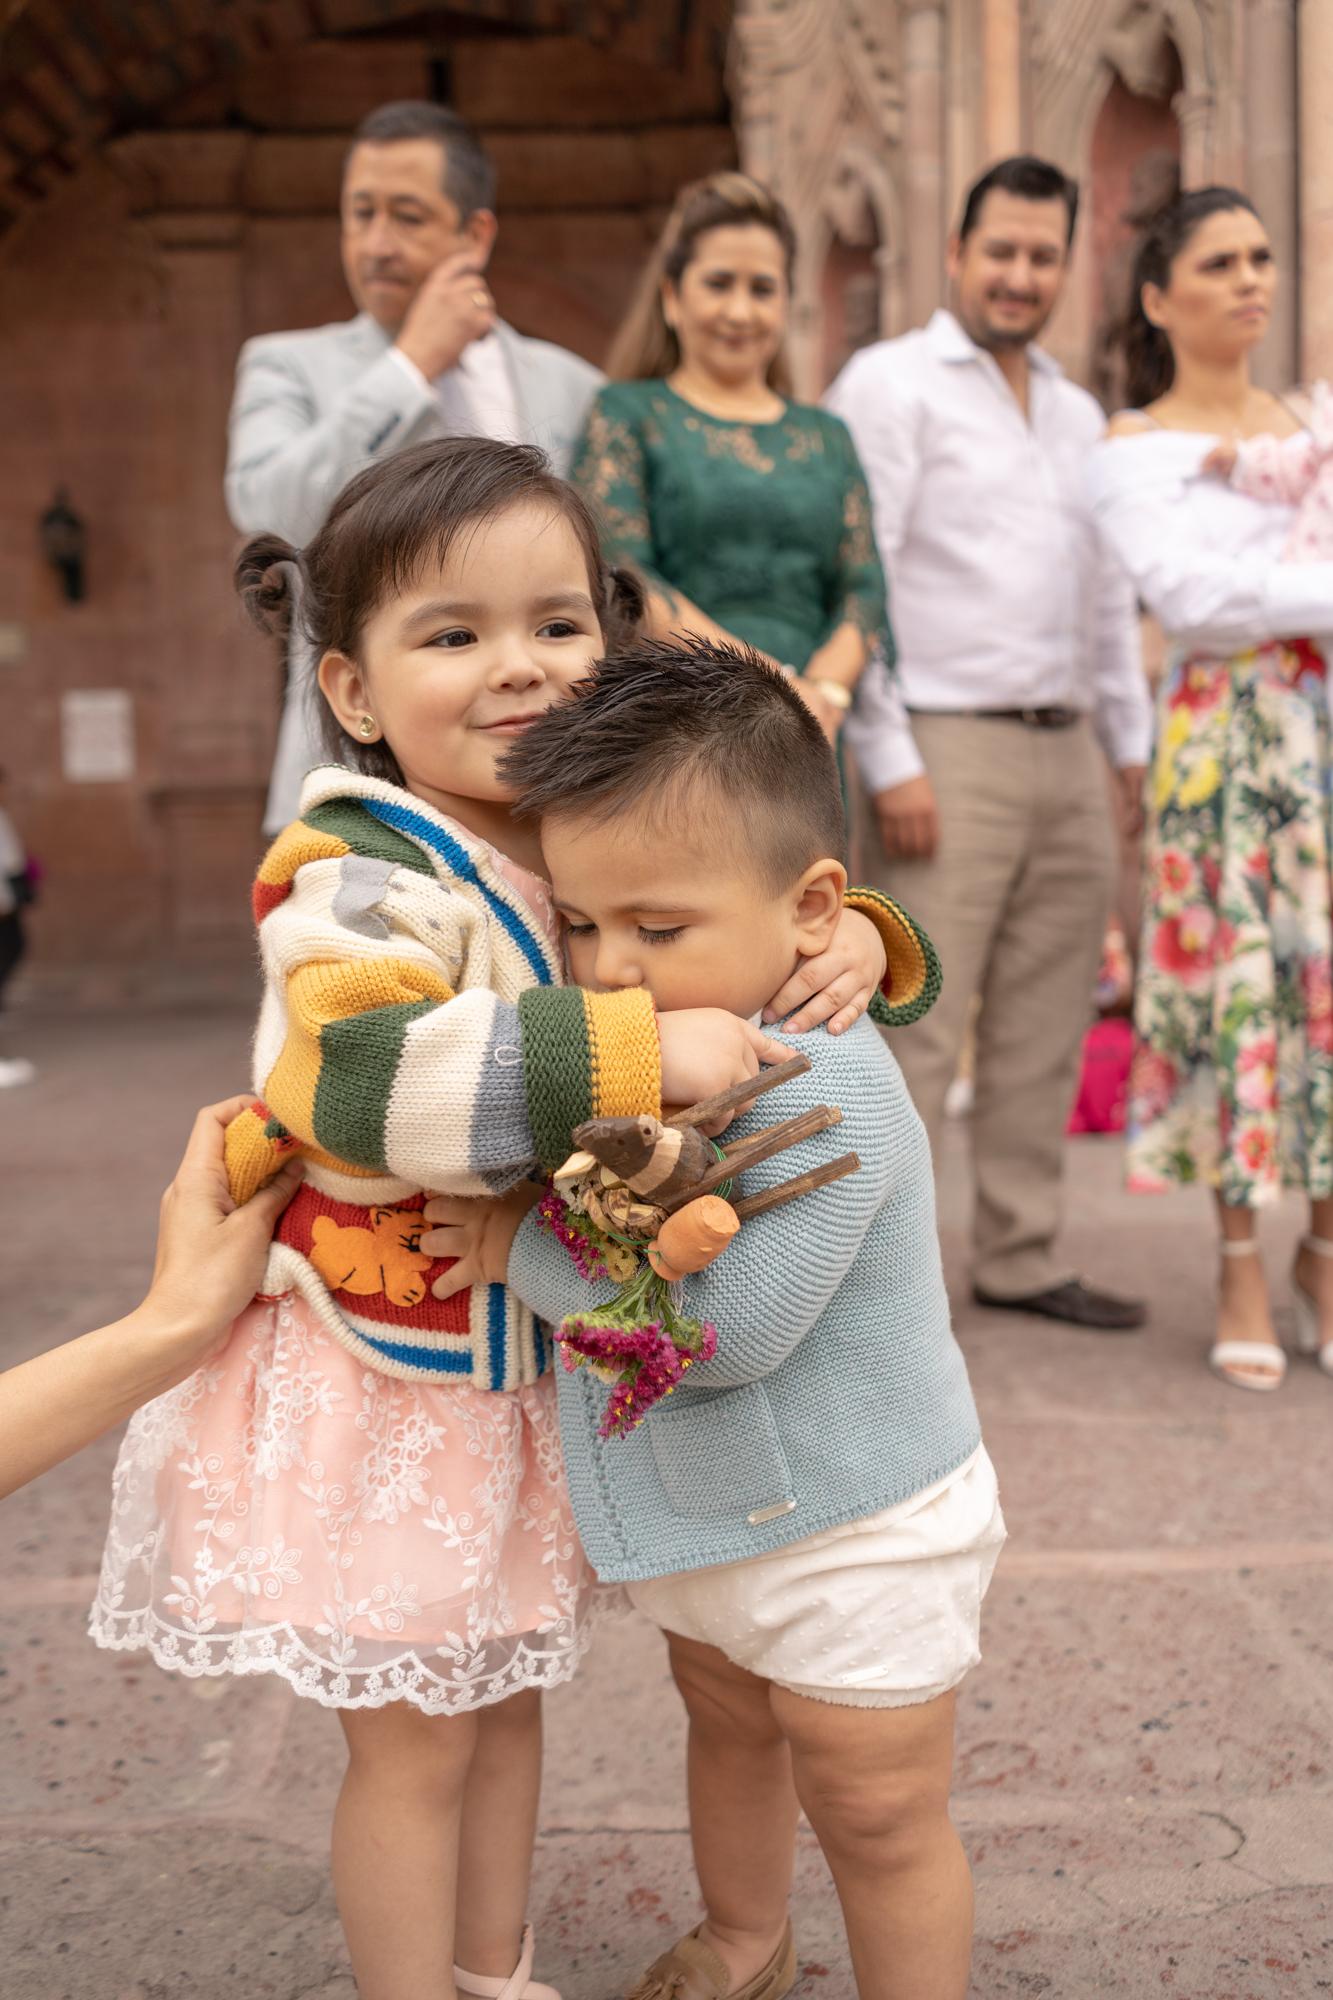 Sesion de Fotos en Rosewood San Migue de Allende del Bautizo de Alfonso-5.jpg